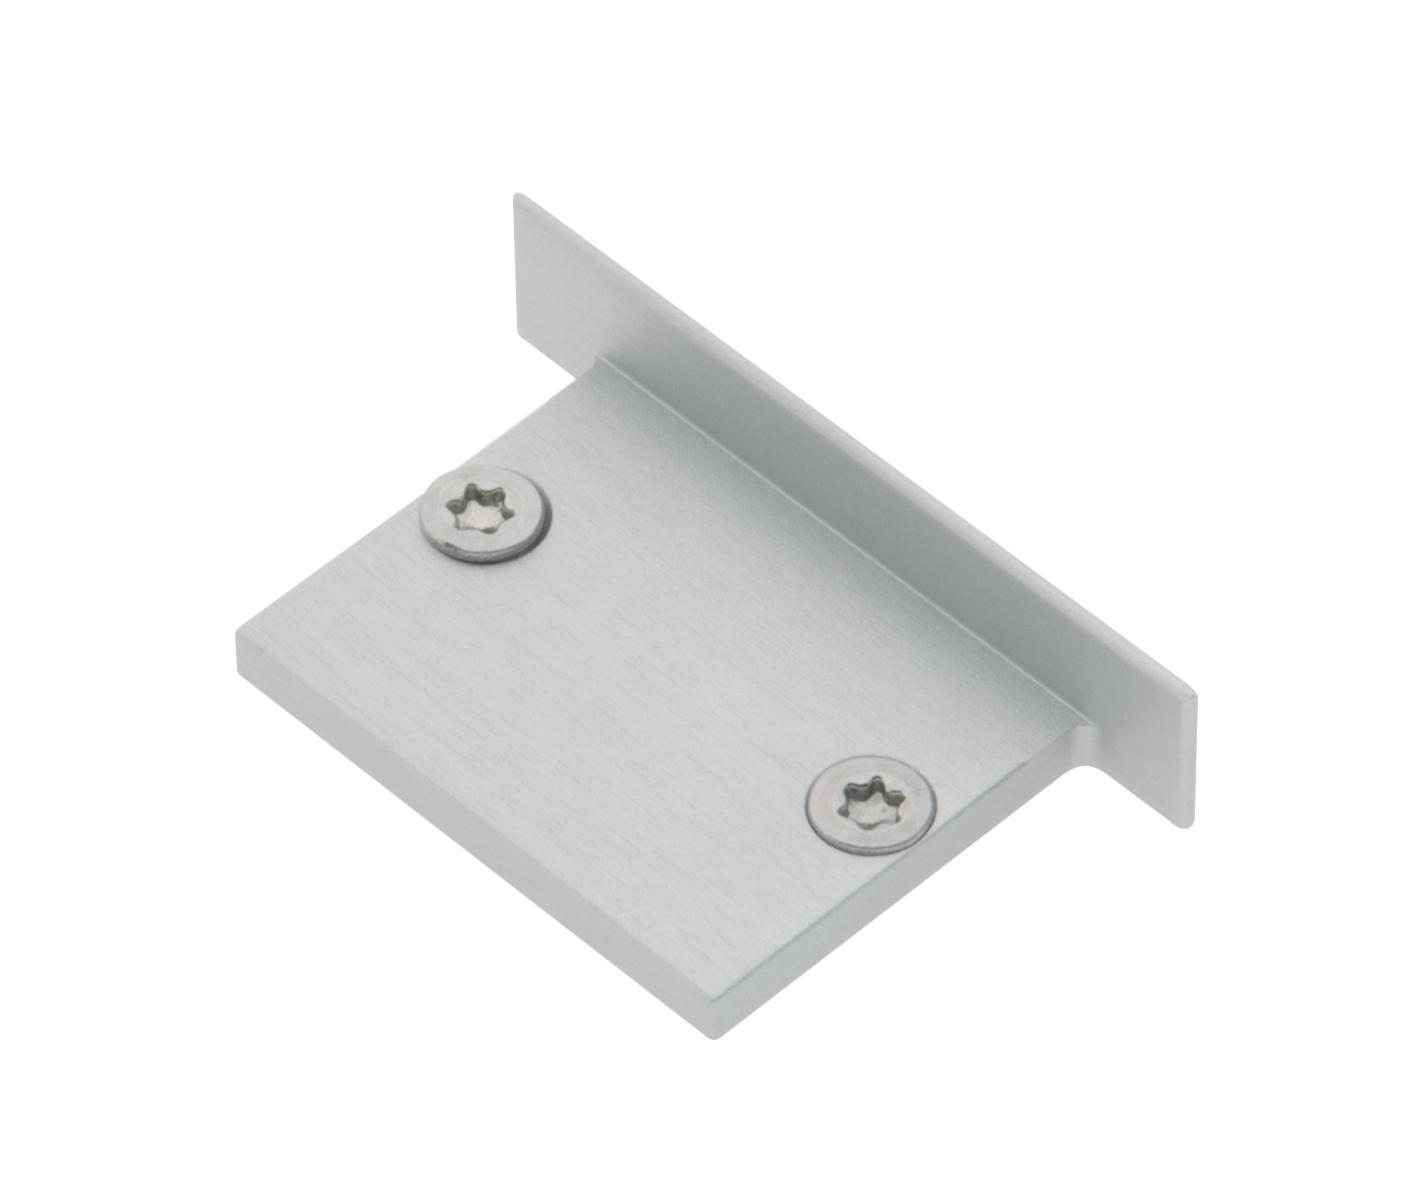 1 Stk Profil Endkappe TBJ Flach geschlossen inkl. Schrauben LIEK002900